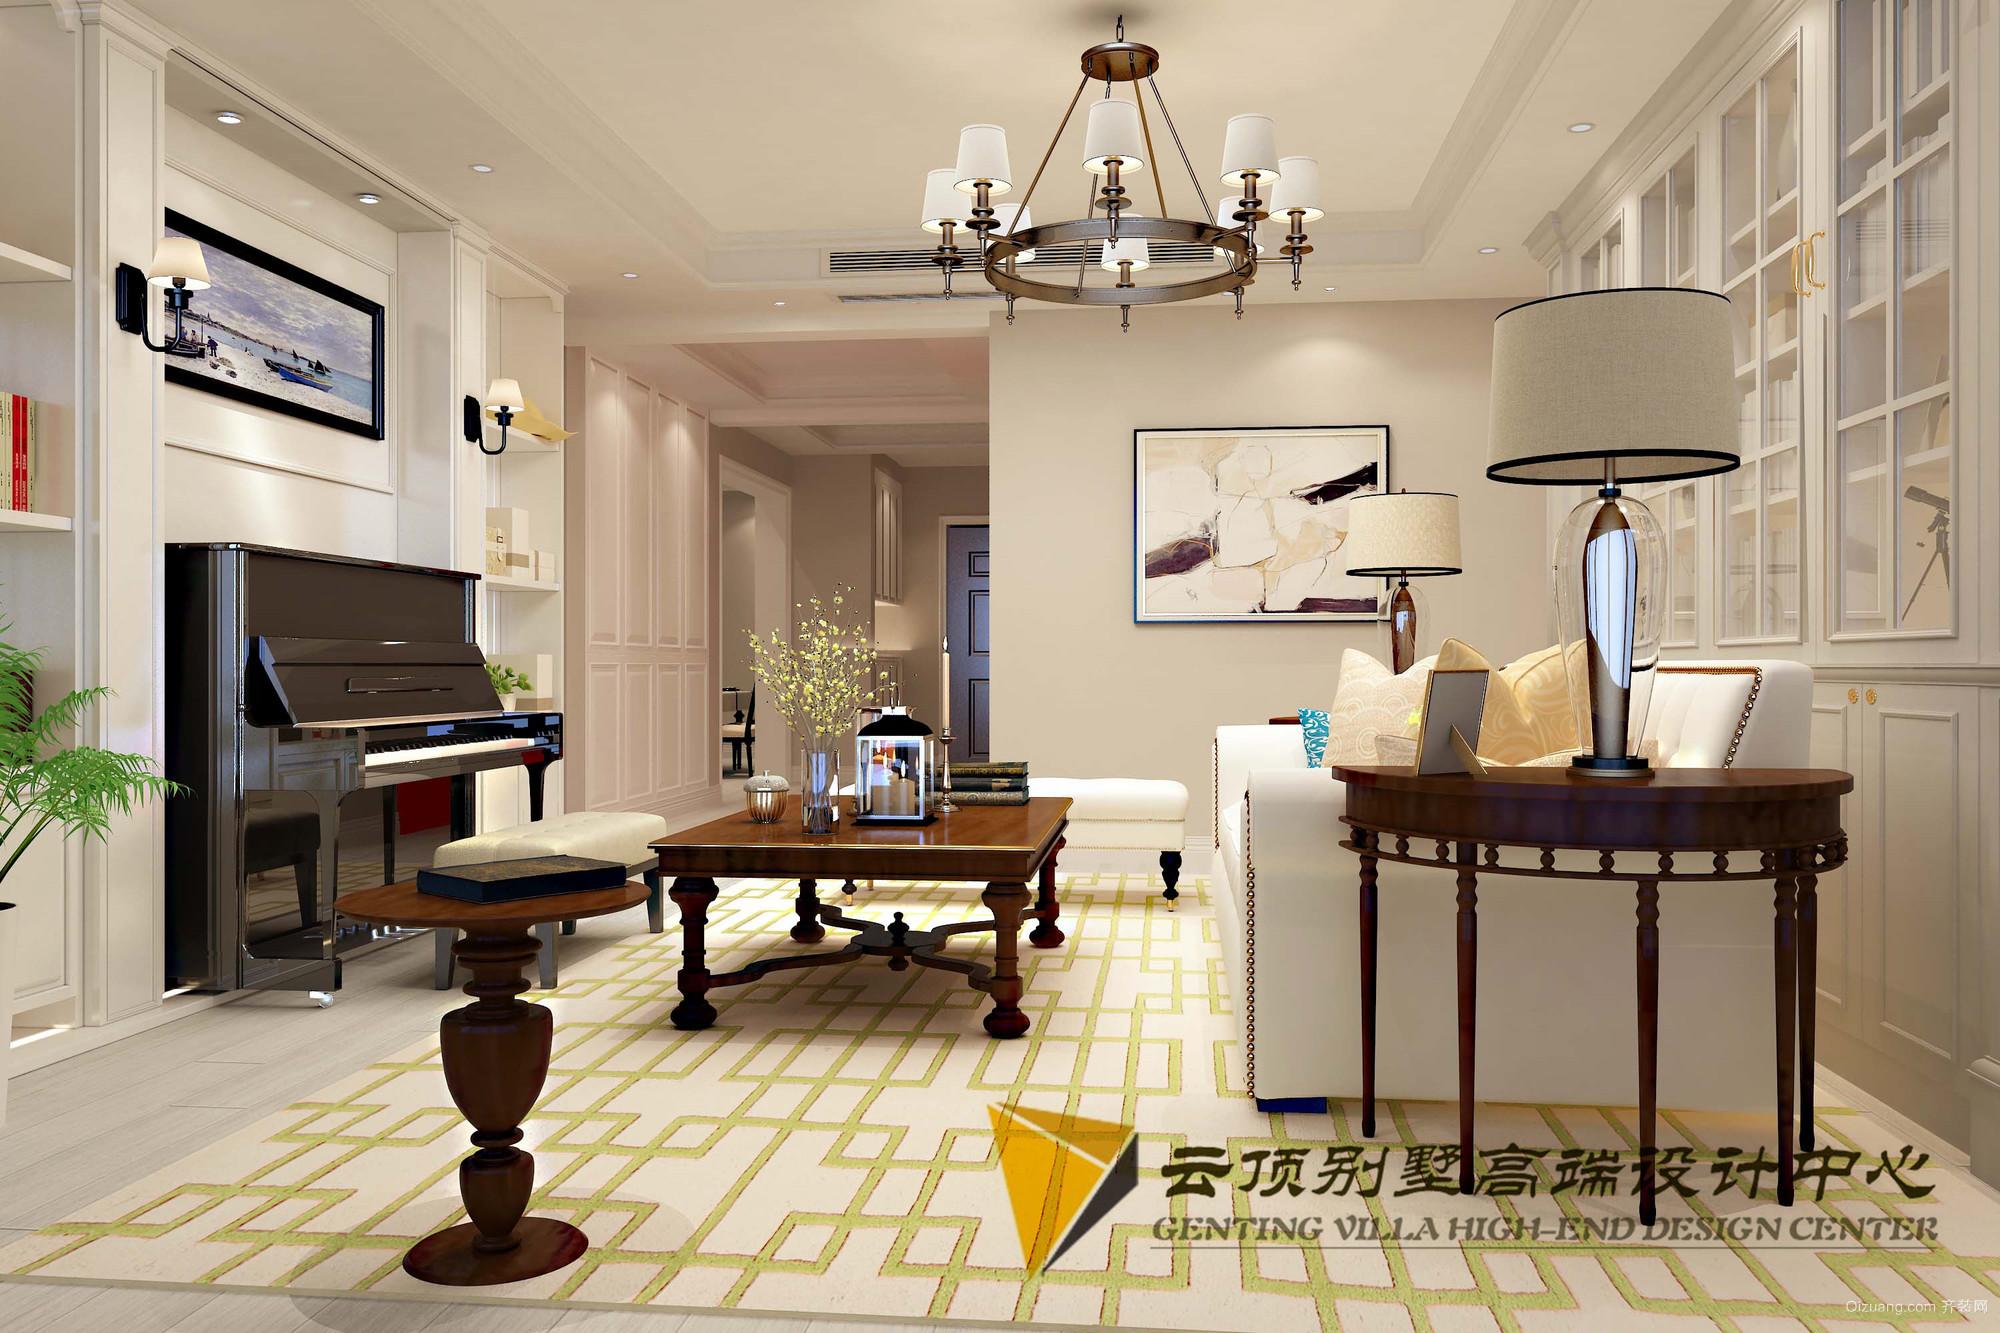 中南公寓美式风格装修效果图实景图